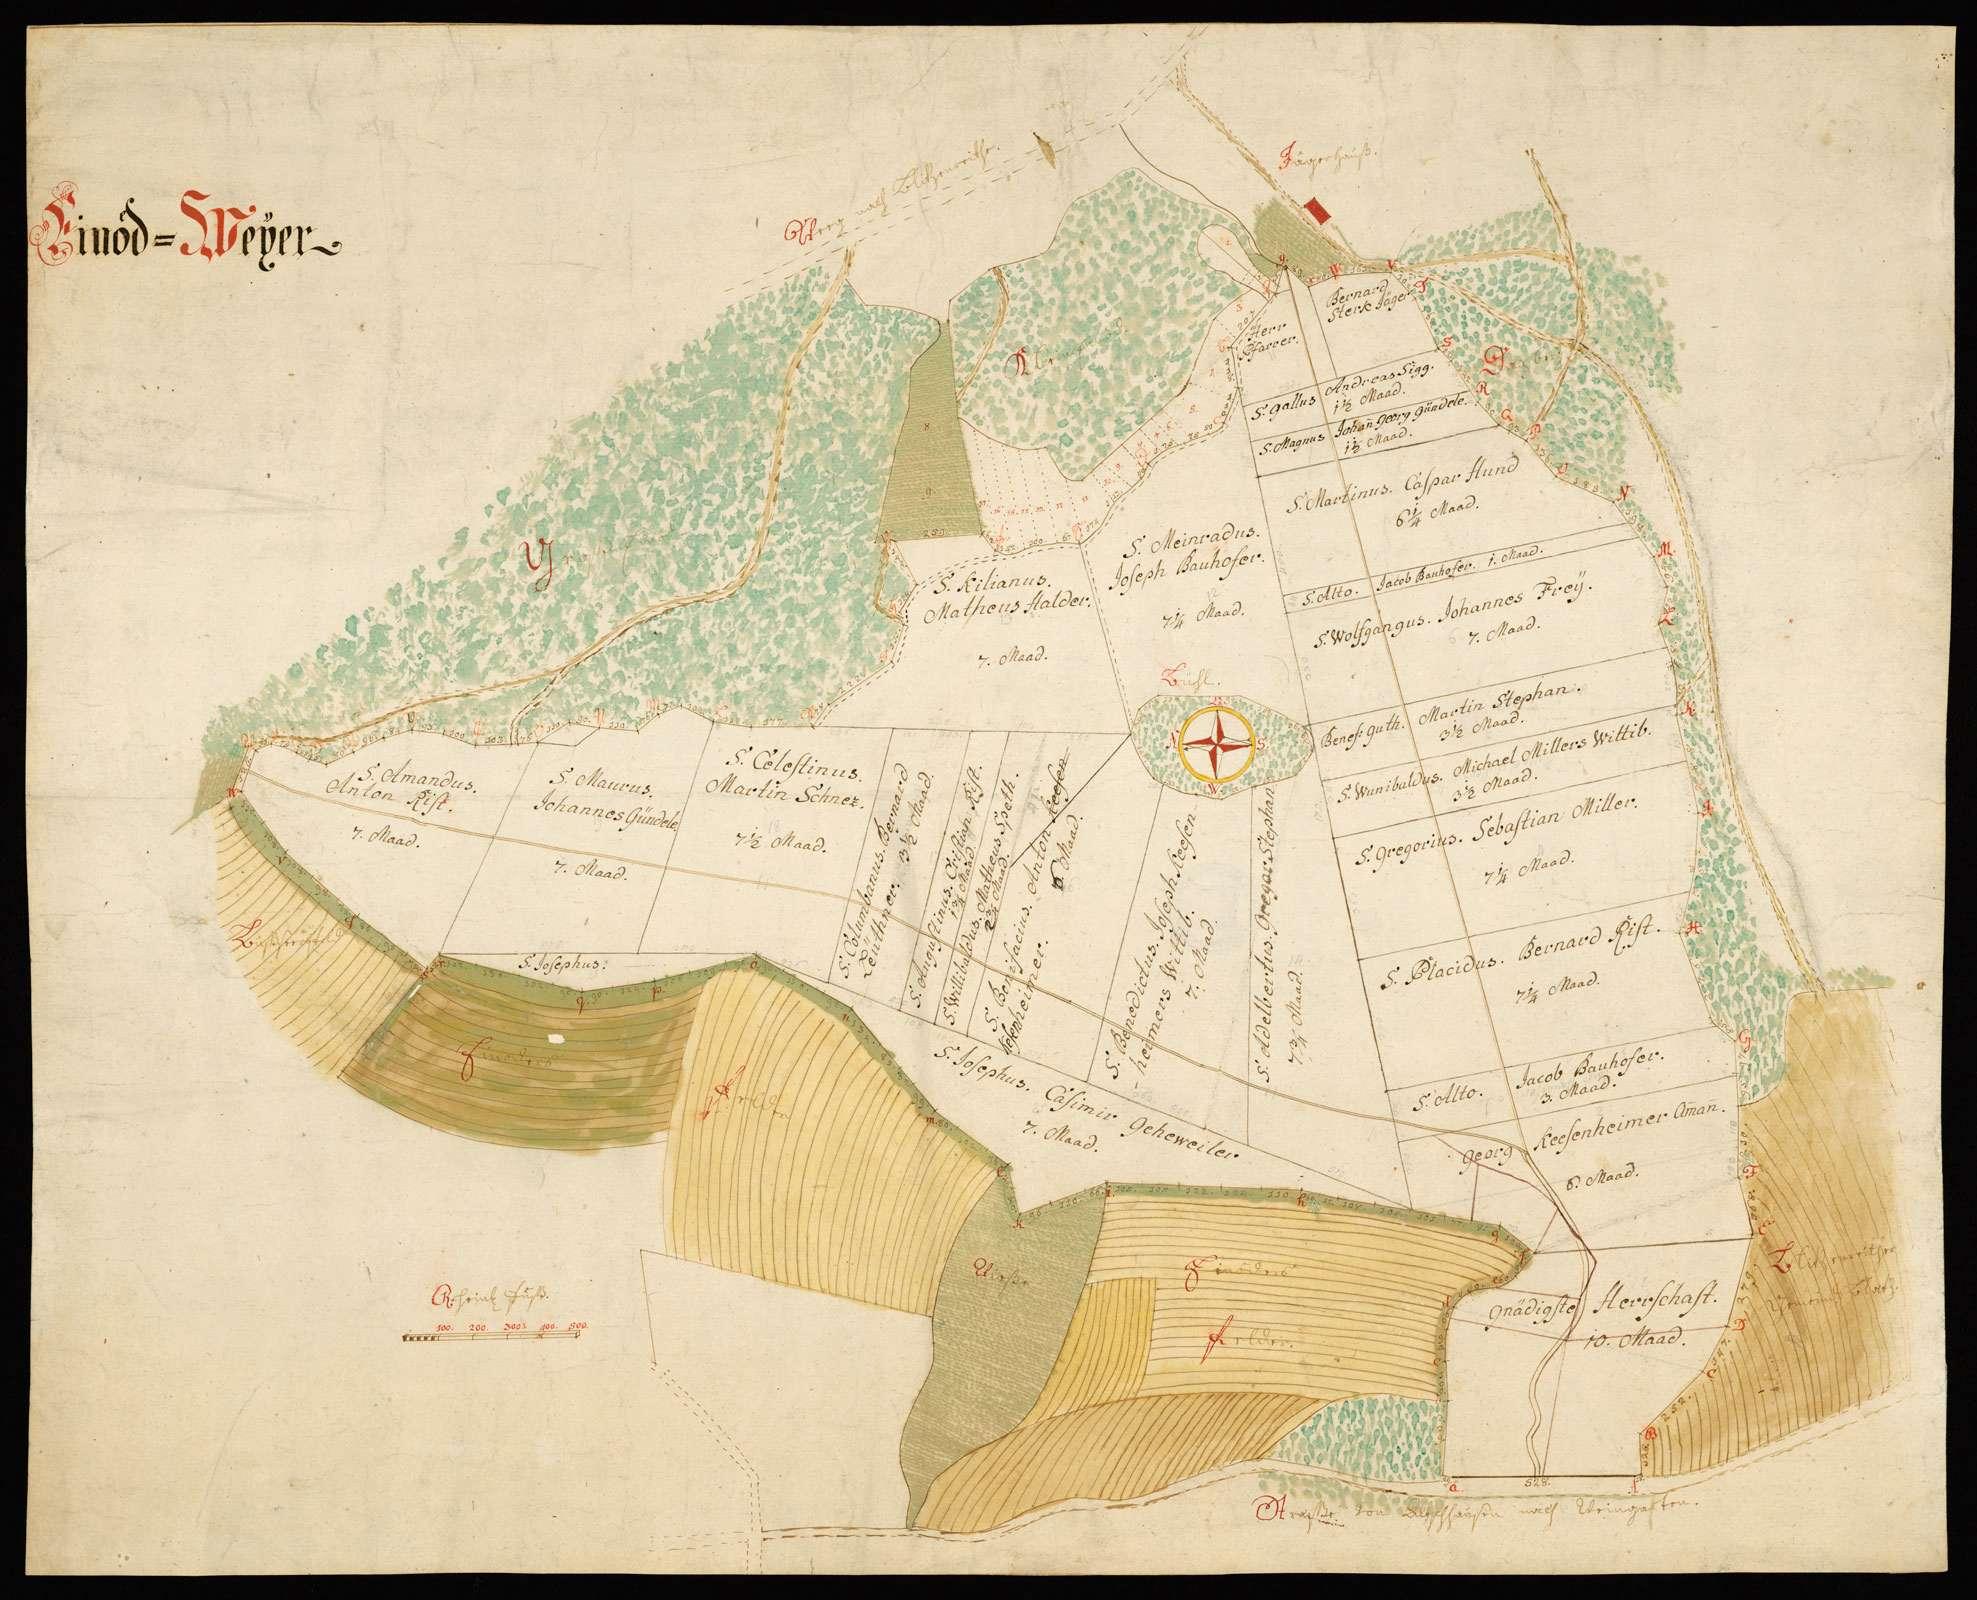 """""""Einöd Weyer"""" [Grundriss der Grundstücke bei Blitzenreute, genannt Einöd-Weyer], Bild 1"""